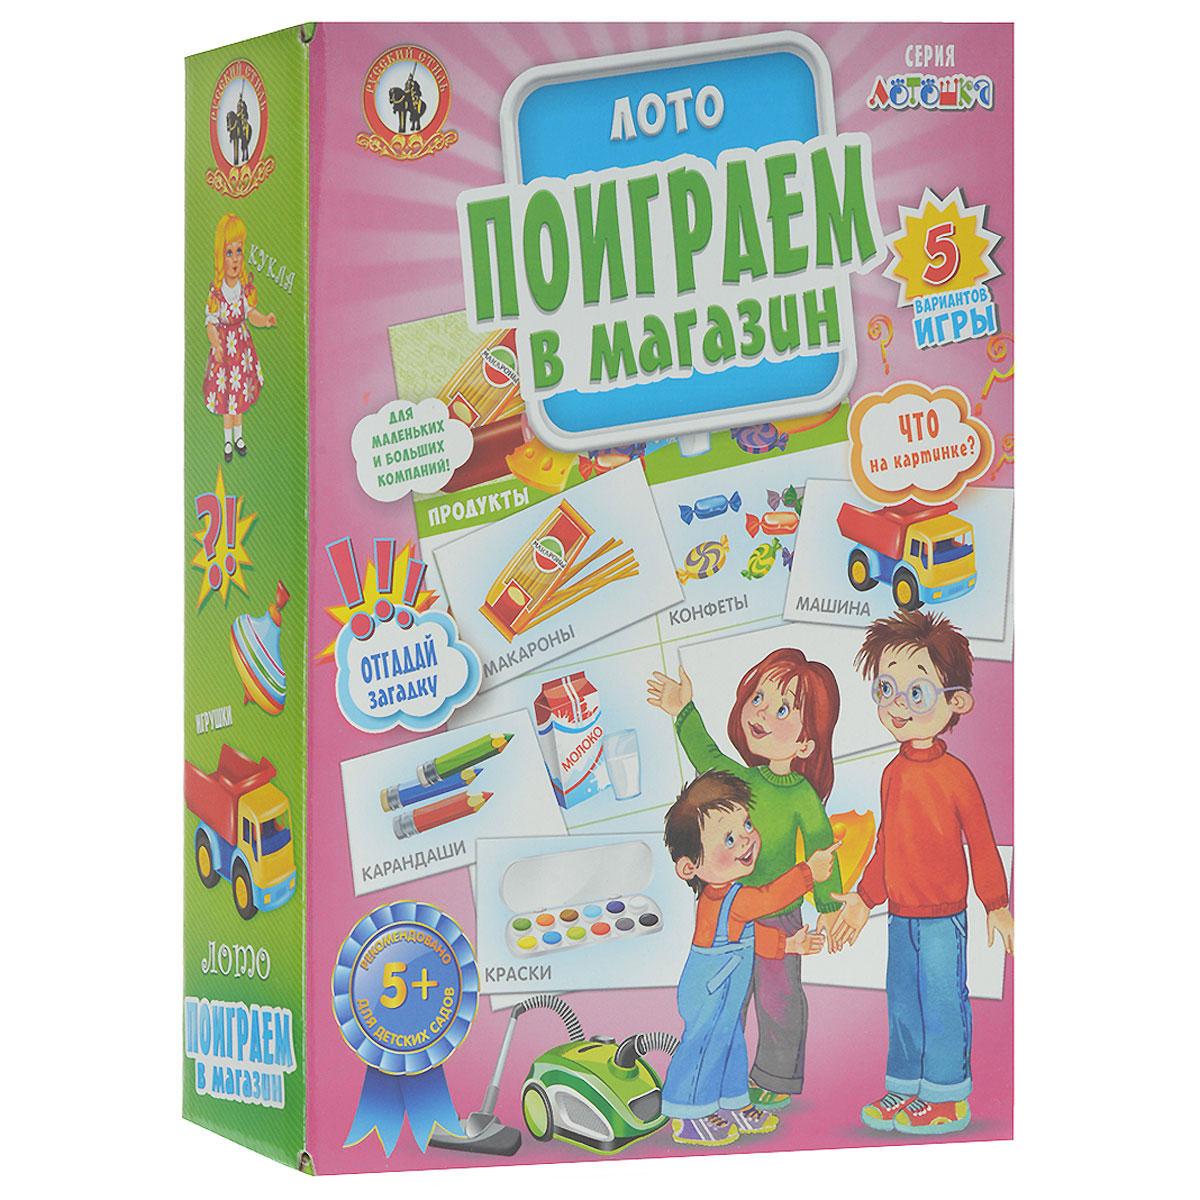 Русский стиль Лото Поиграем в магазин03283Лото Русский стиль Поиграем в магазин позволит вам и вашему малышу весело и с пользой провести время, ведь совместная игра - лучший способ узнать ребенка и научить его чему-нибудь новому. Комплект игры включает в себя 60 картонных картинок с красочными изображениями различных предметов, 10 картонных карточек с соответствующими изображениями, и подробные правила на русском языке с пятью вариантами игры. Картинки предварительно необходимо вырезать. На обратной стороне каждой напечатана загадка либо скороговорка. Картинки относятся к 10 темам: Мебель, Спорттовары, Одежда, Посуда, Зоомагазин, Обувь, Продукты, Игрушки, Бытовая техника (по 6 картинок к теме). Малыши учатся определять и выбирать нужные изображения, закрывая ими карточки. Дети постарше стараются запомнить, а потом назвать предметы на картинках, которые переворачиваются изображением вниз. Подбирая картинки, дети не только запоминают их названия, но и закрепляют знание назначения предметов. Лото...